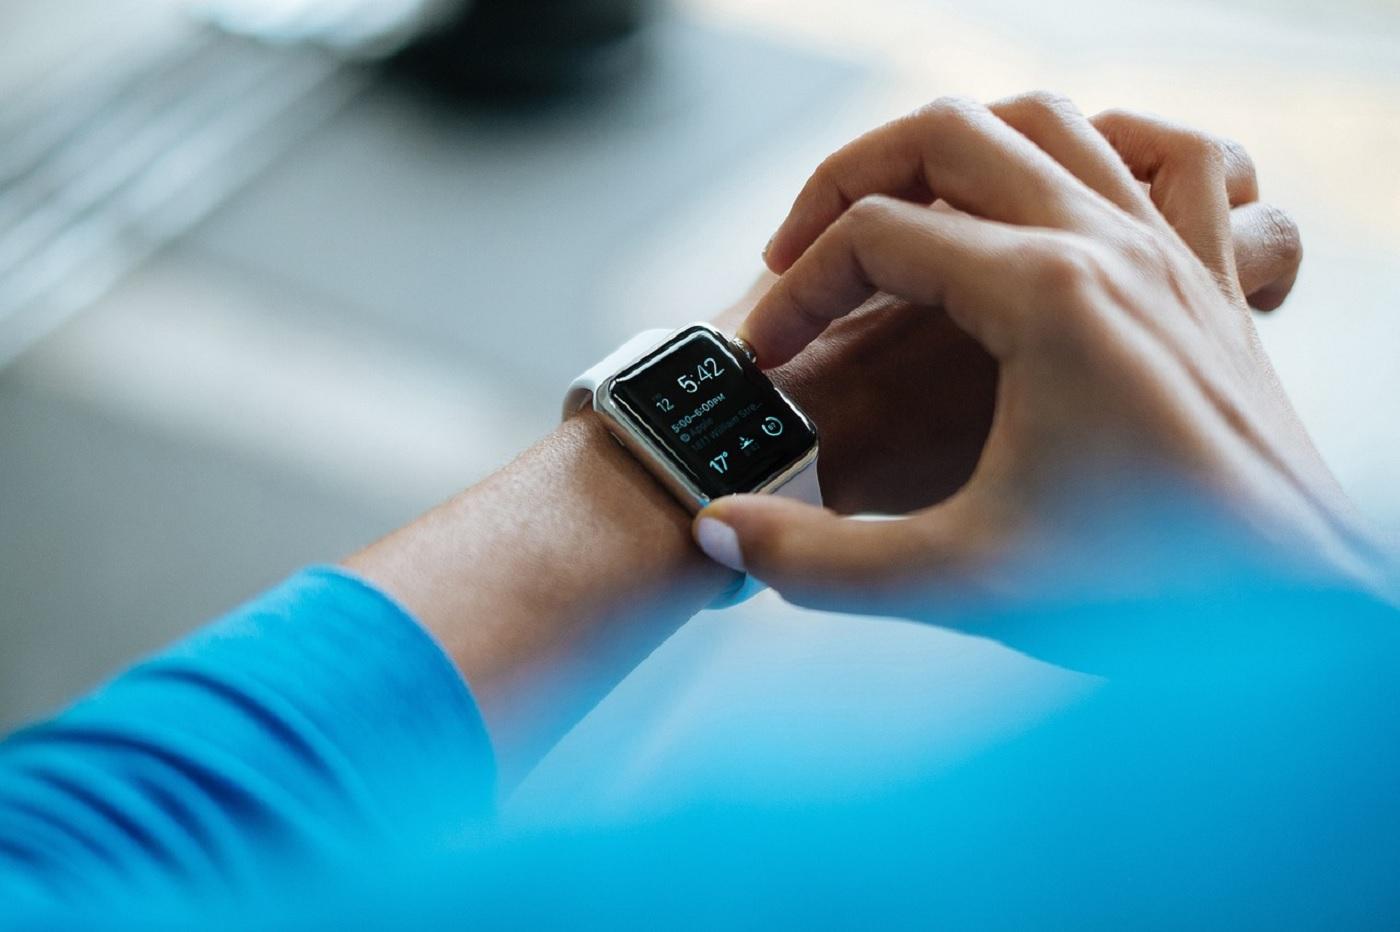 Au Royaume-Uni, on pourrait interdire les montres (connectées ou pas) dans les salles d'examen